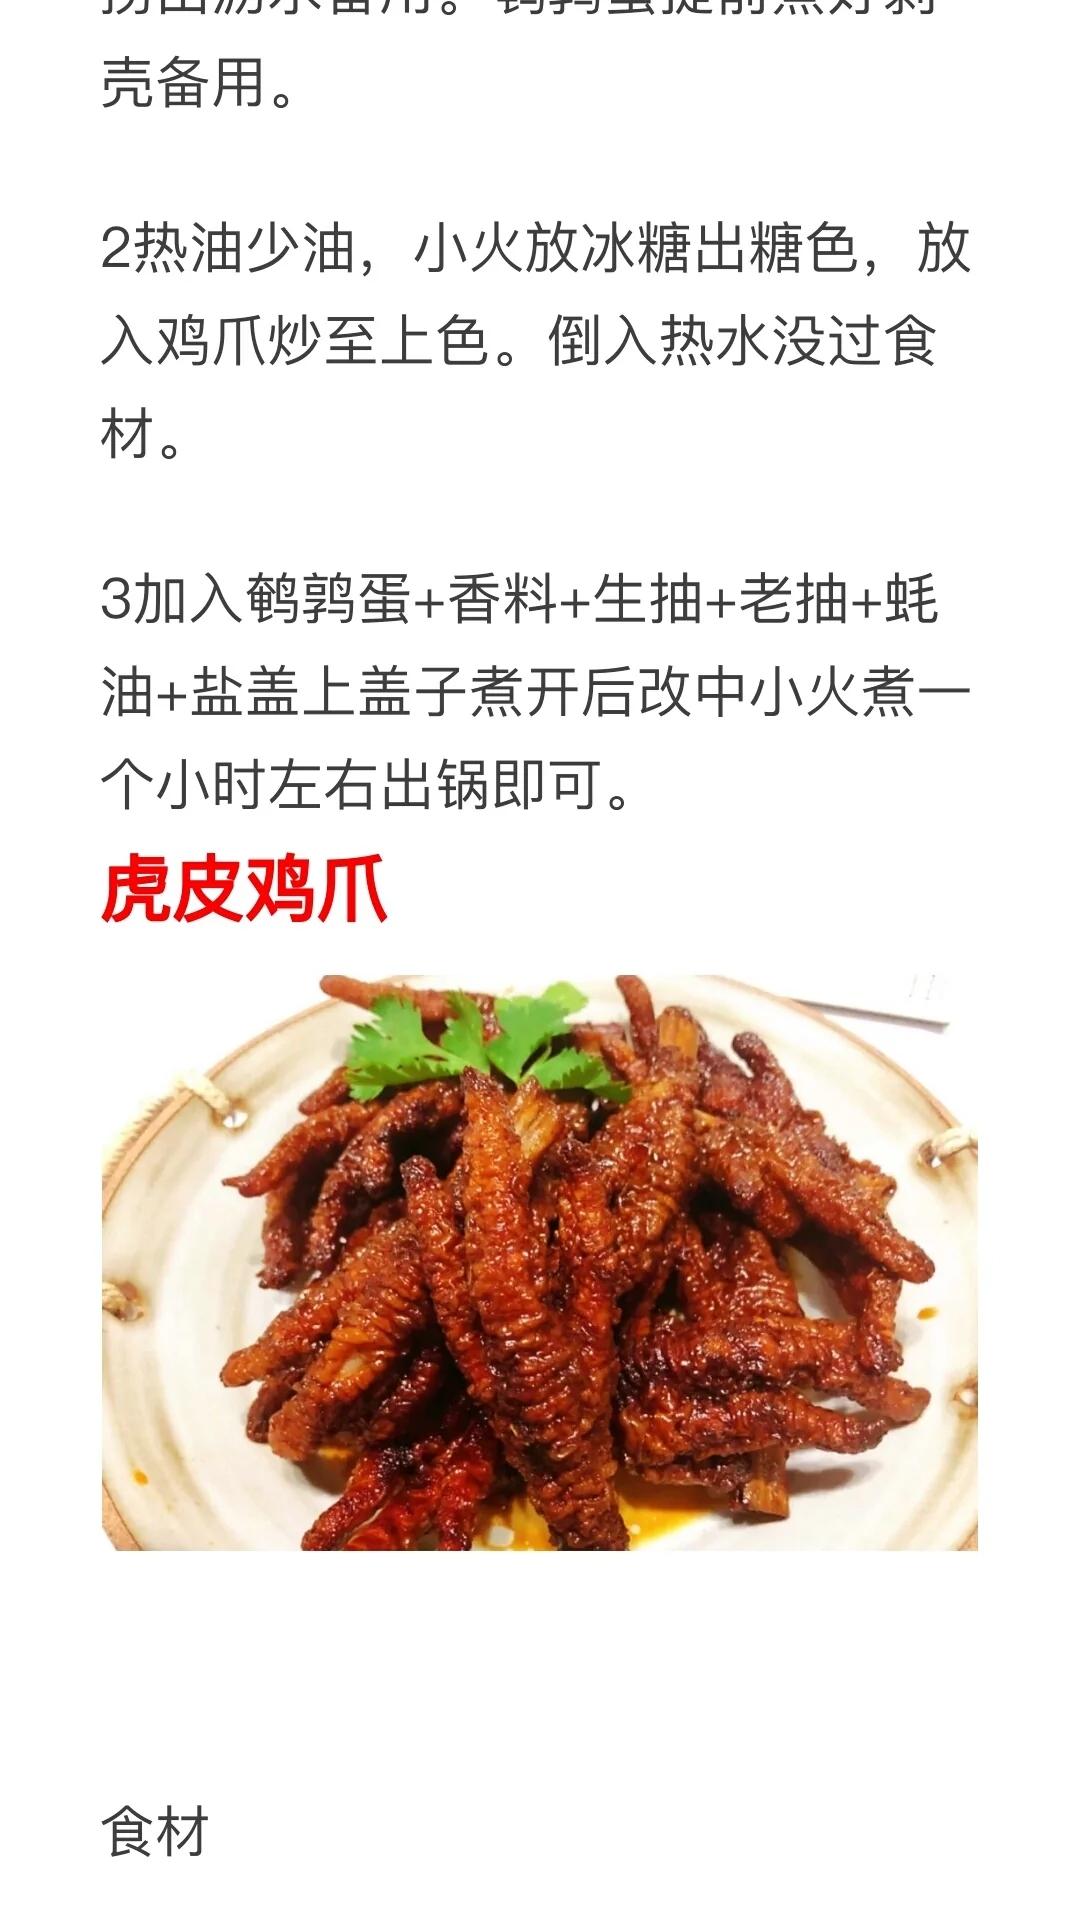 家常鸡爪的做法及配料 美食做法 第11张